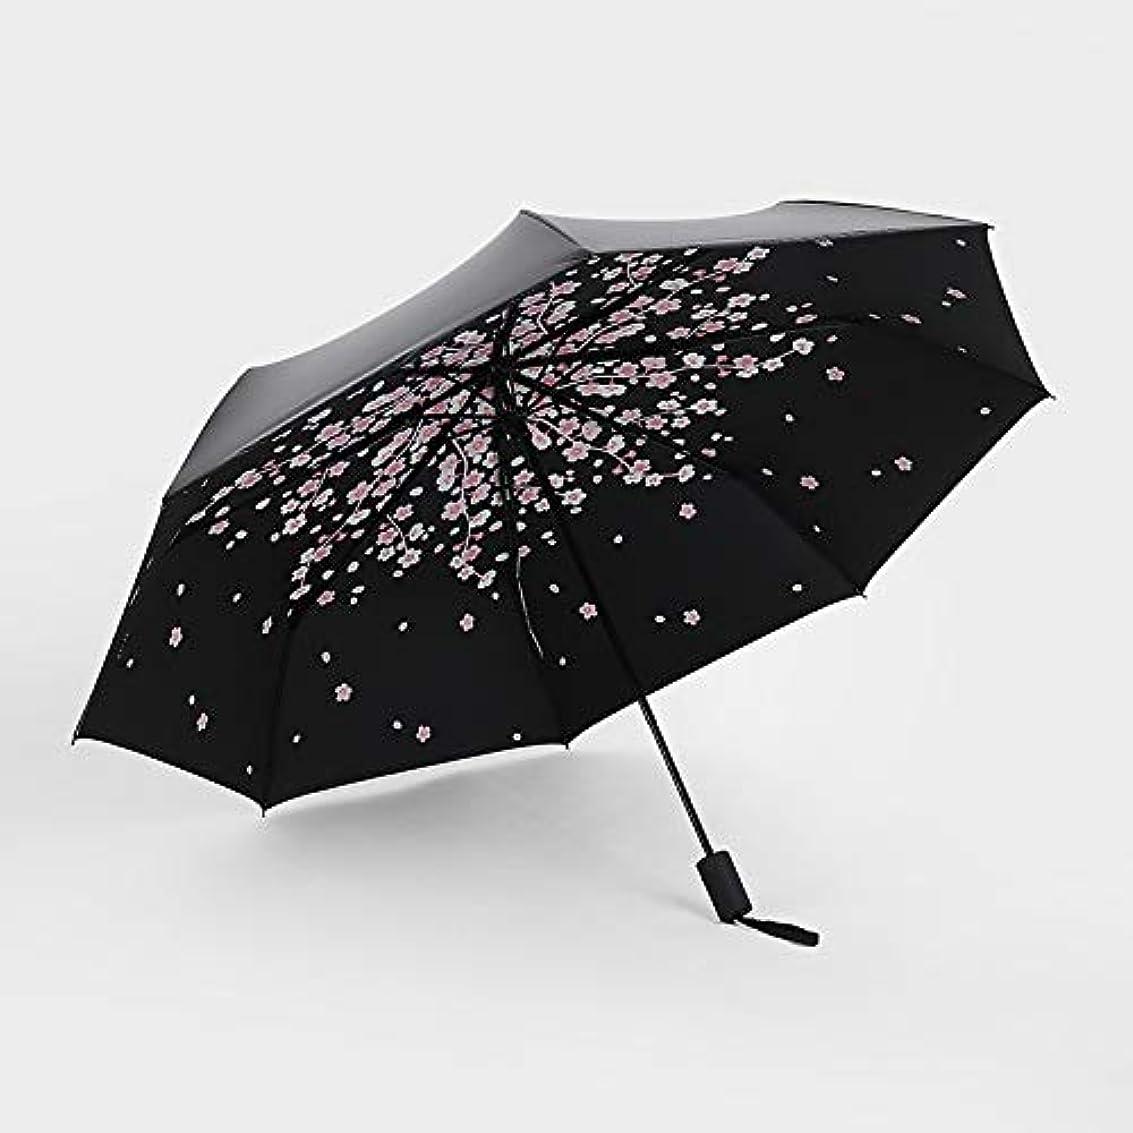 非公式荷物収束HAPPY HOME 黒プラスチック傘クリエイティブ30%日焼け止め黒プラスチック傘紫外線日焼け止め雨デュアルユース黒プラスチック傘